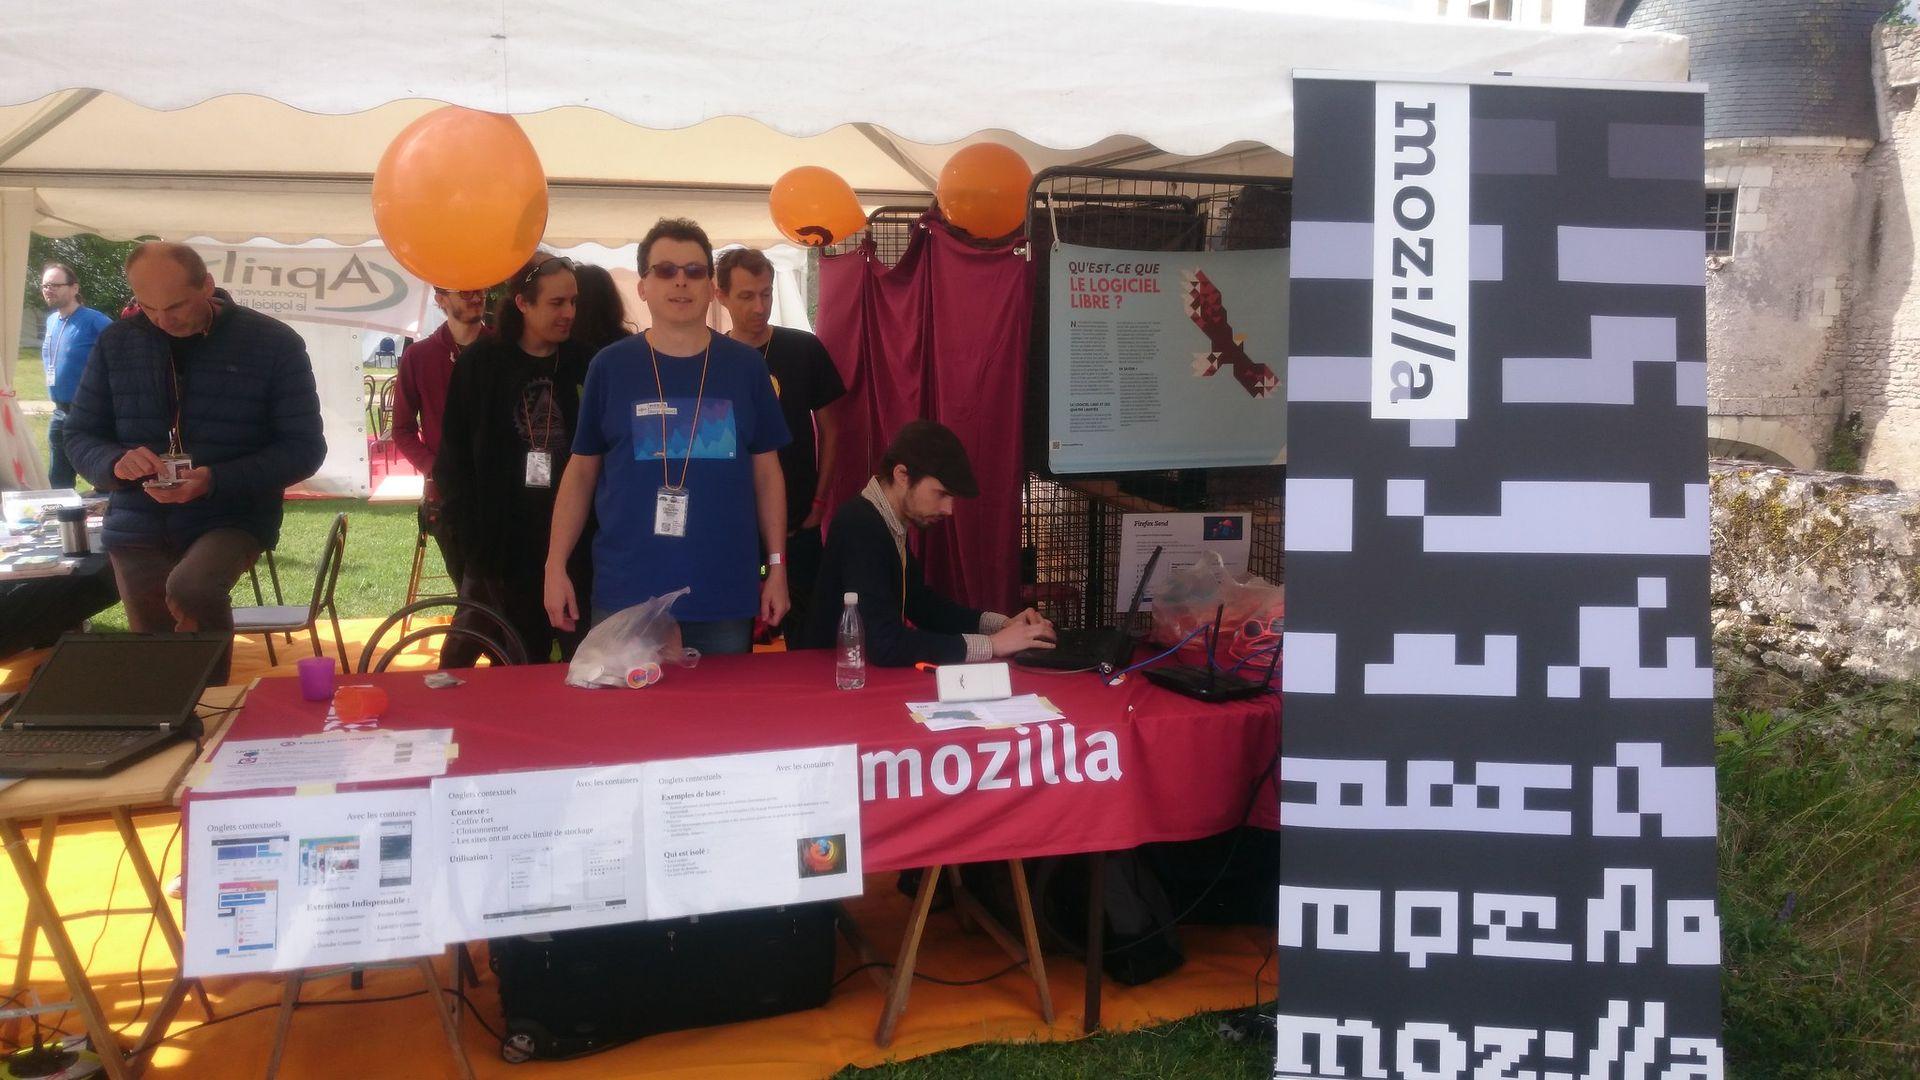 Geek faeries 2019 - Stand Mozilla